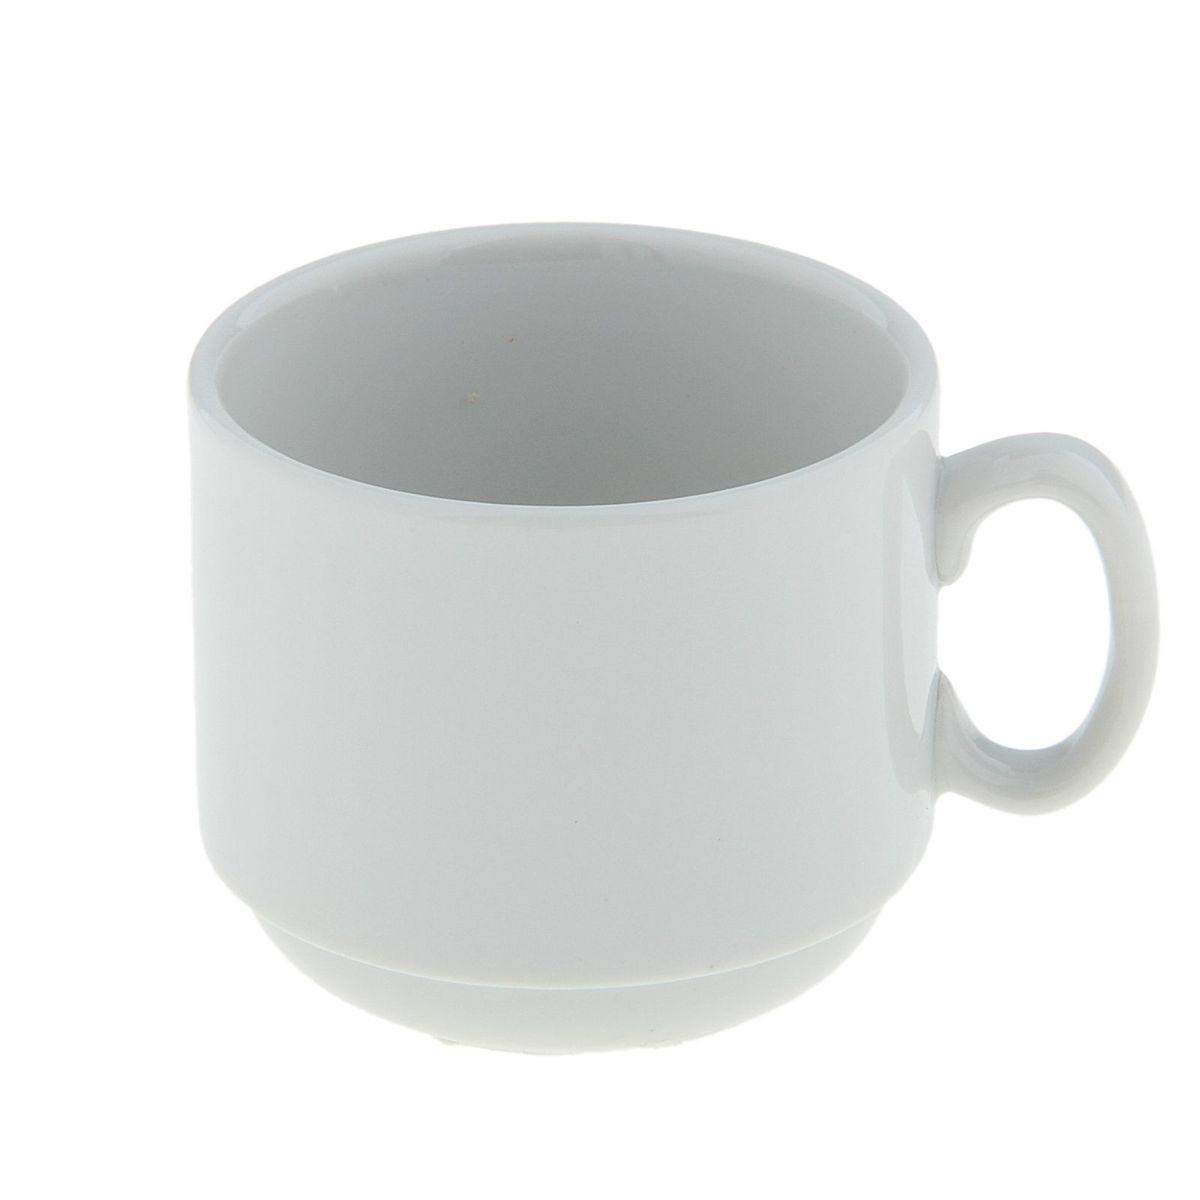 Чашка кофейная Мокко, 100 мл507797Чашка кофейная Мокко выполнена из высококачественного фарфора.Нежнейший дизайн и белоснежность изделия дарят ощущение легкости и безмятежности.